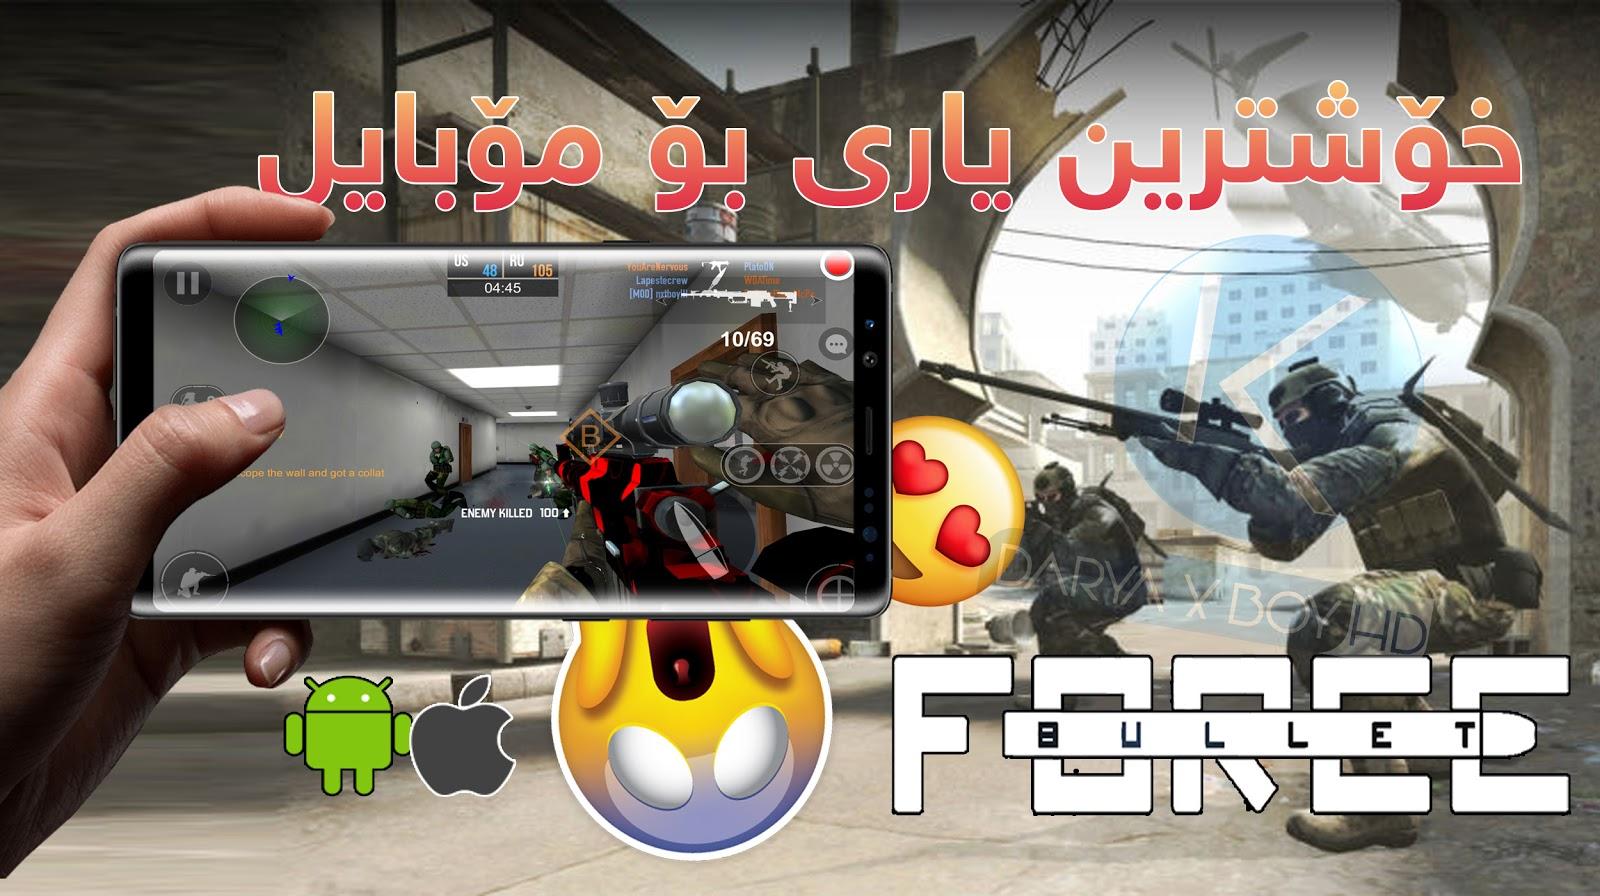 خۆشترین یاری بۆ مۆبایل یاریەک هاوشێوەی Call Of Duty بۆ ئایفۆن و ئەندرۆید